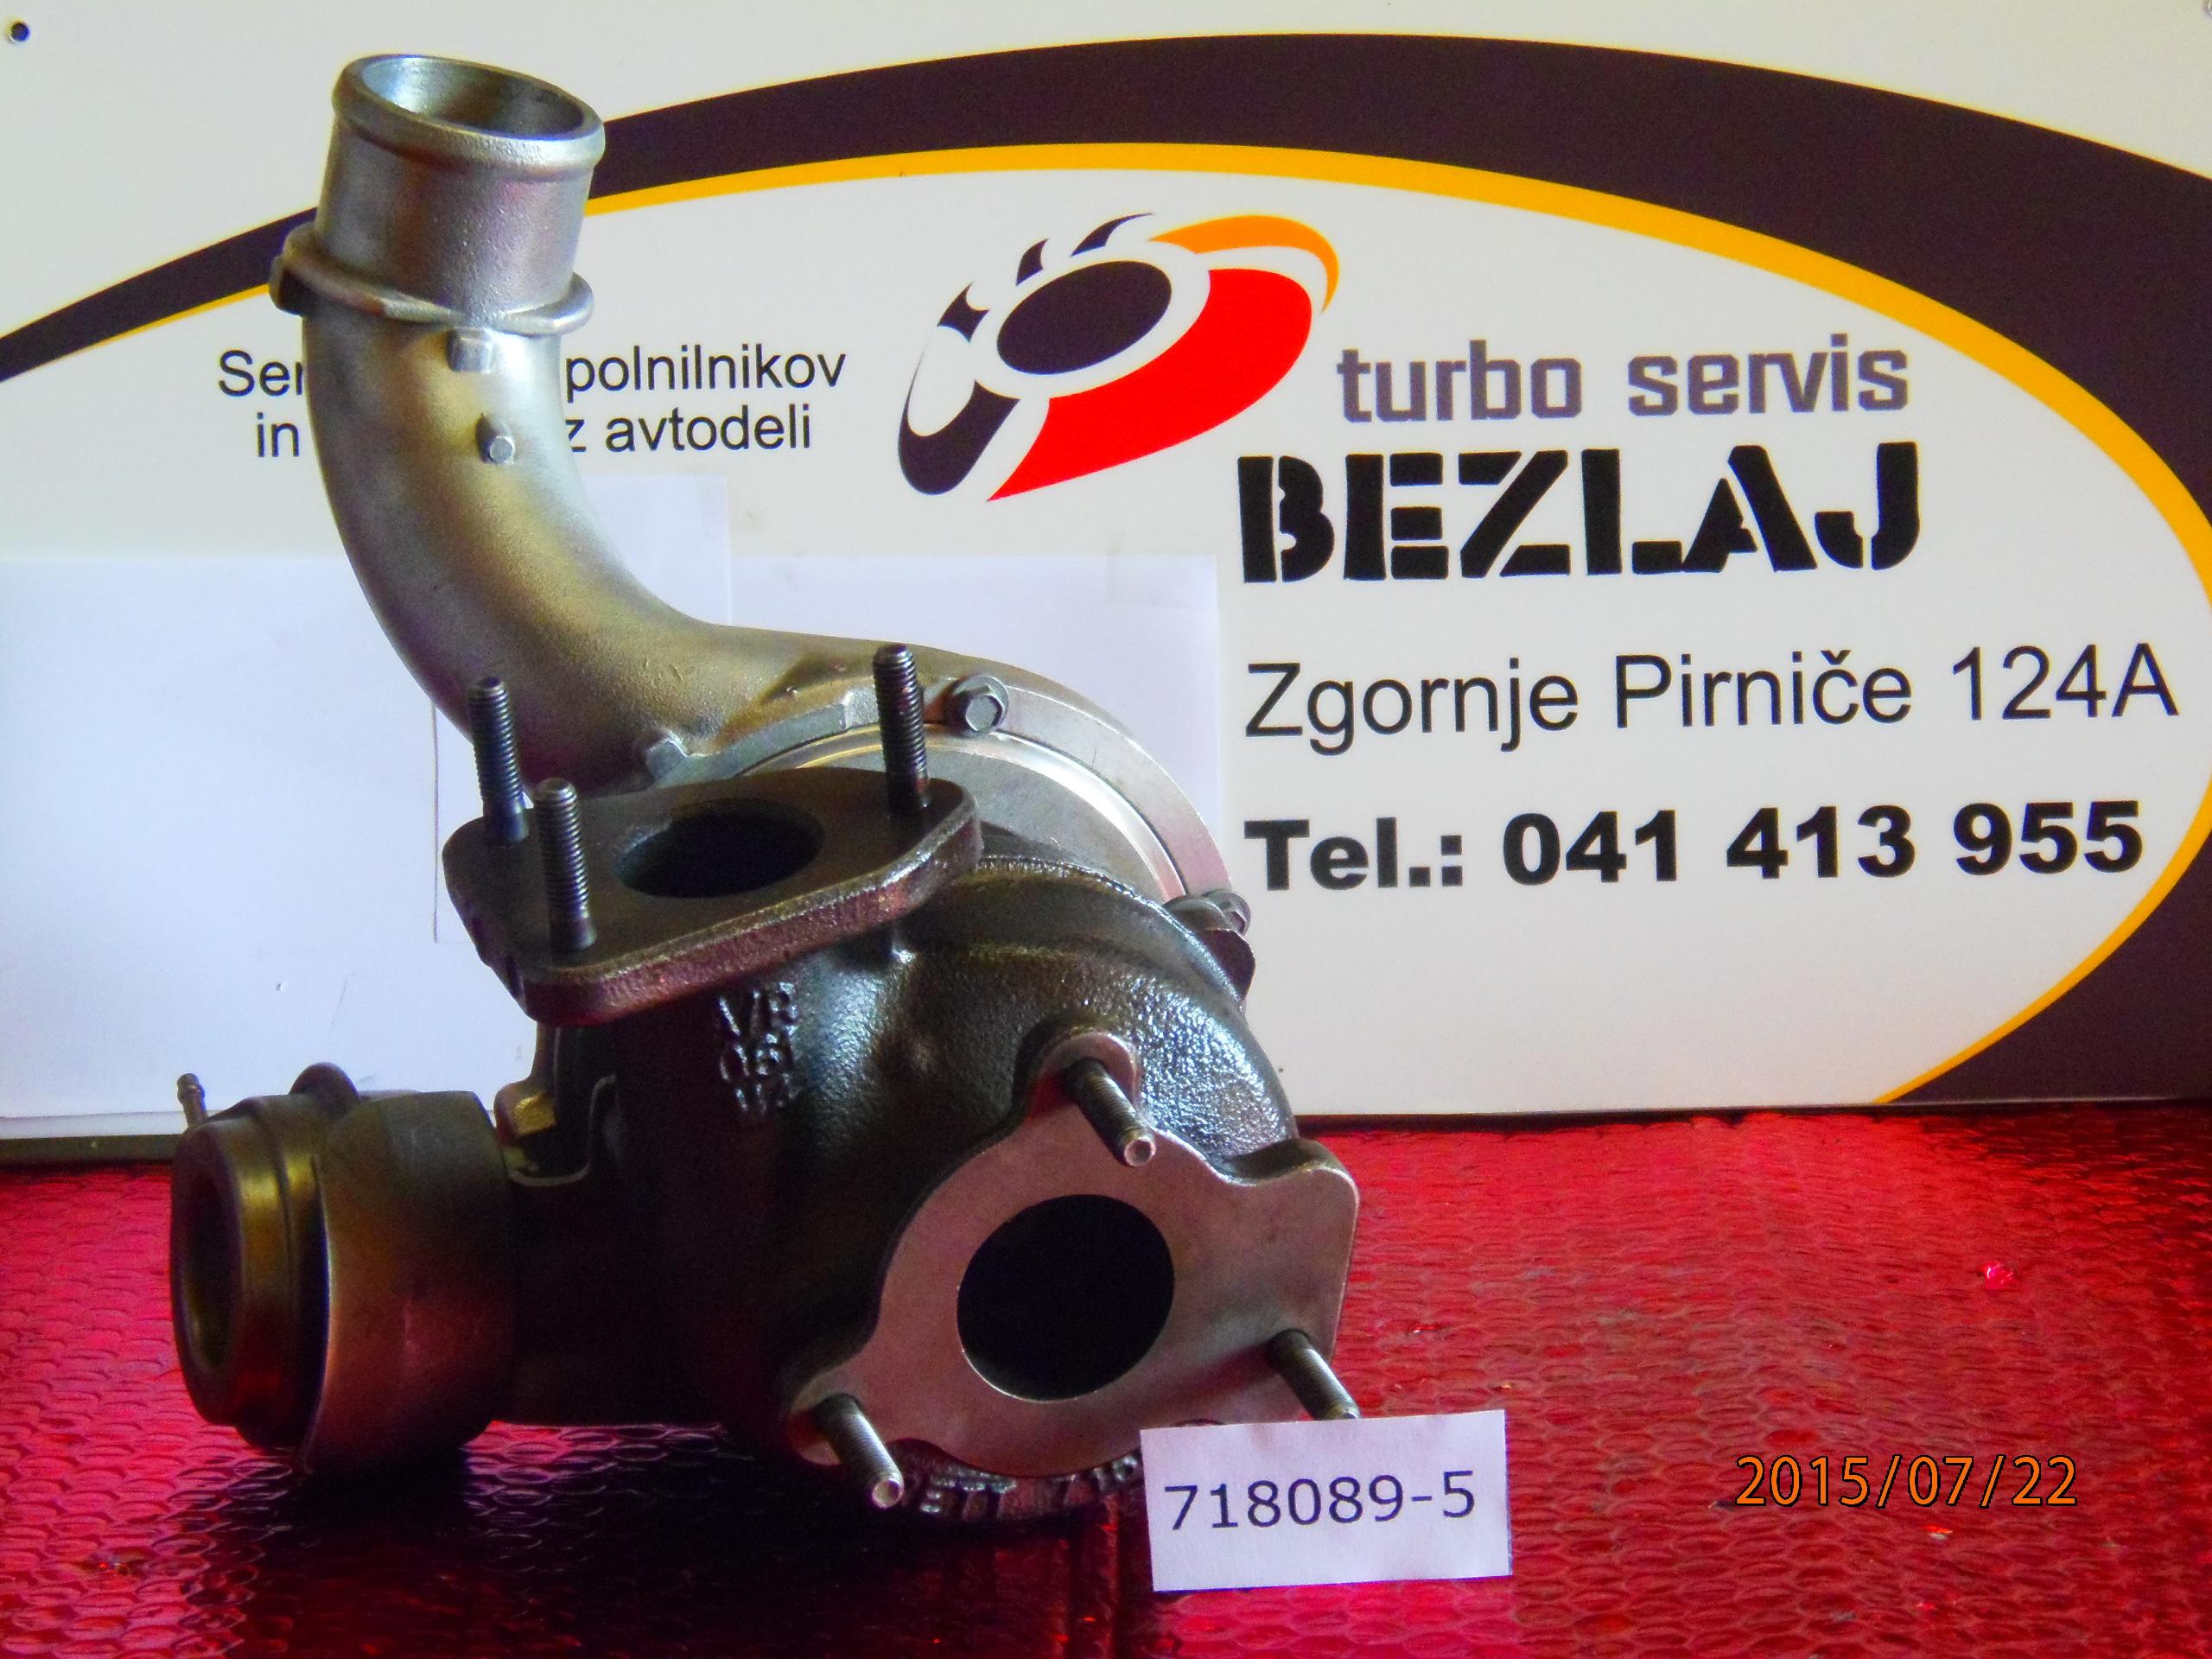 turbo718089-5 (3)